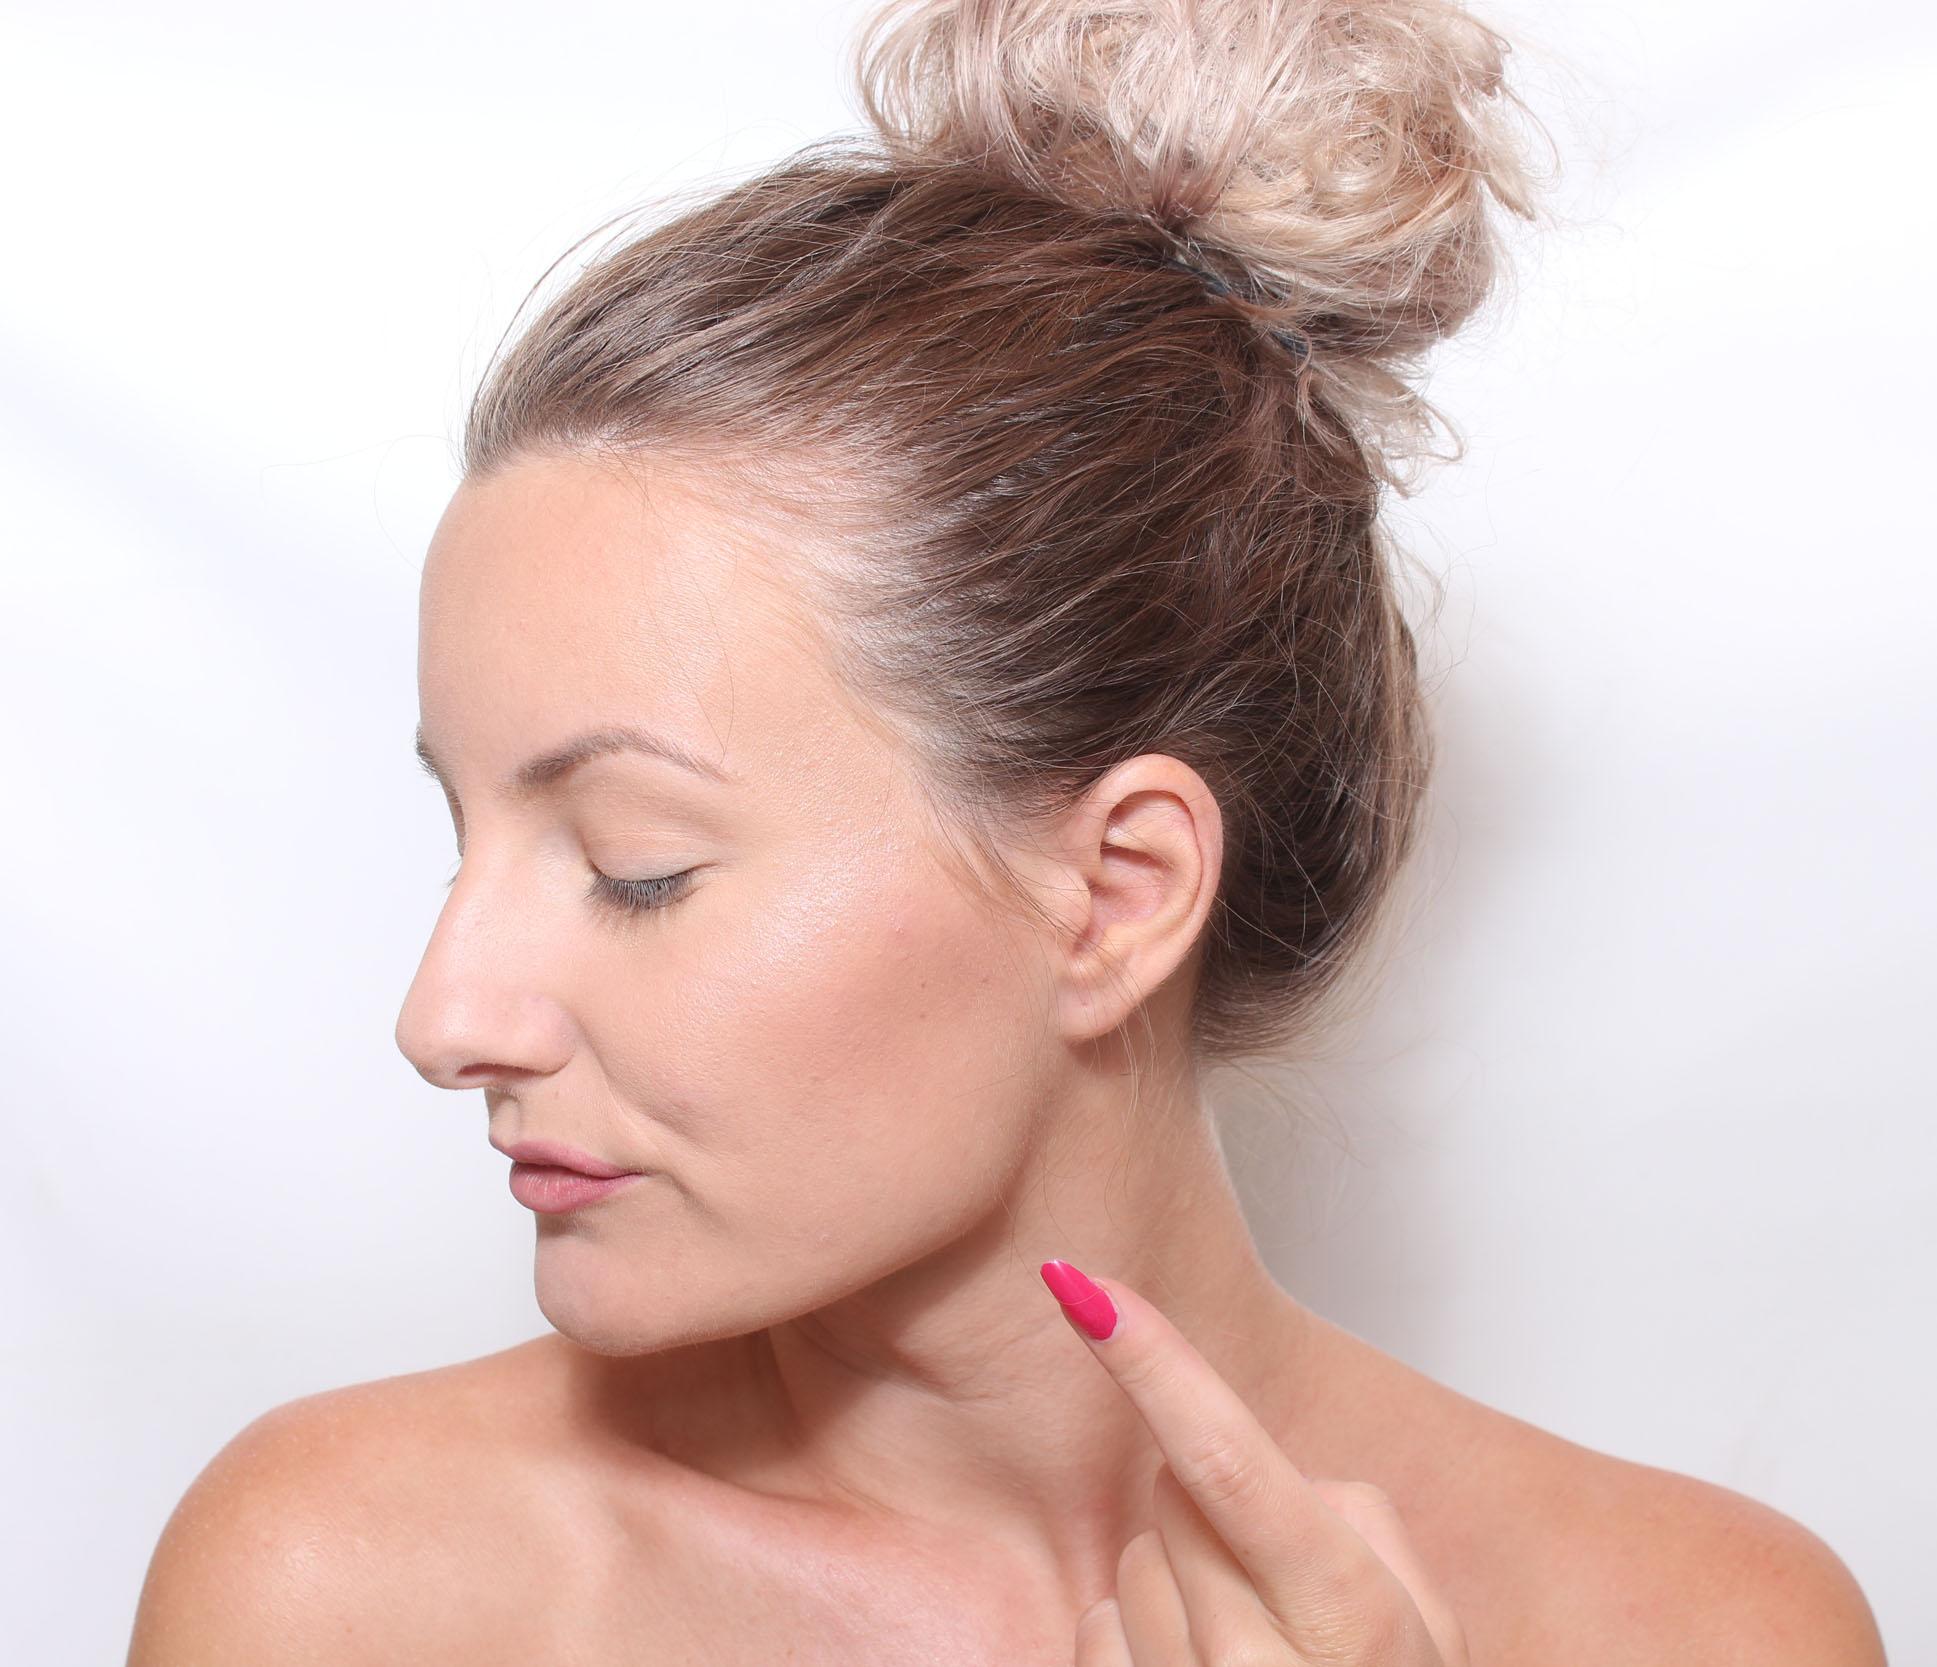 Applicera läppstift och läppglans och avsluta med att dutta lite.